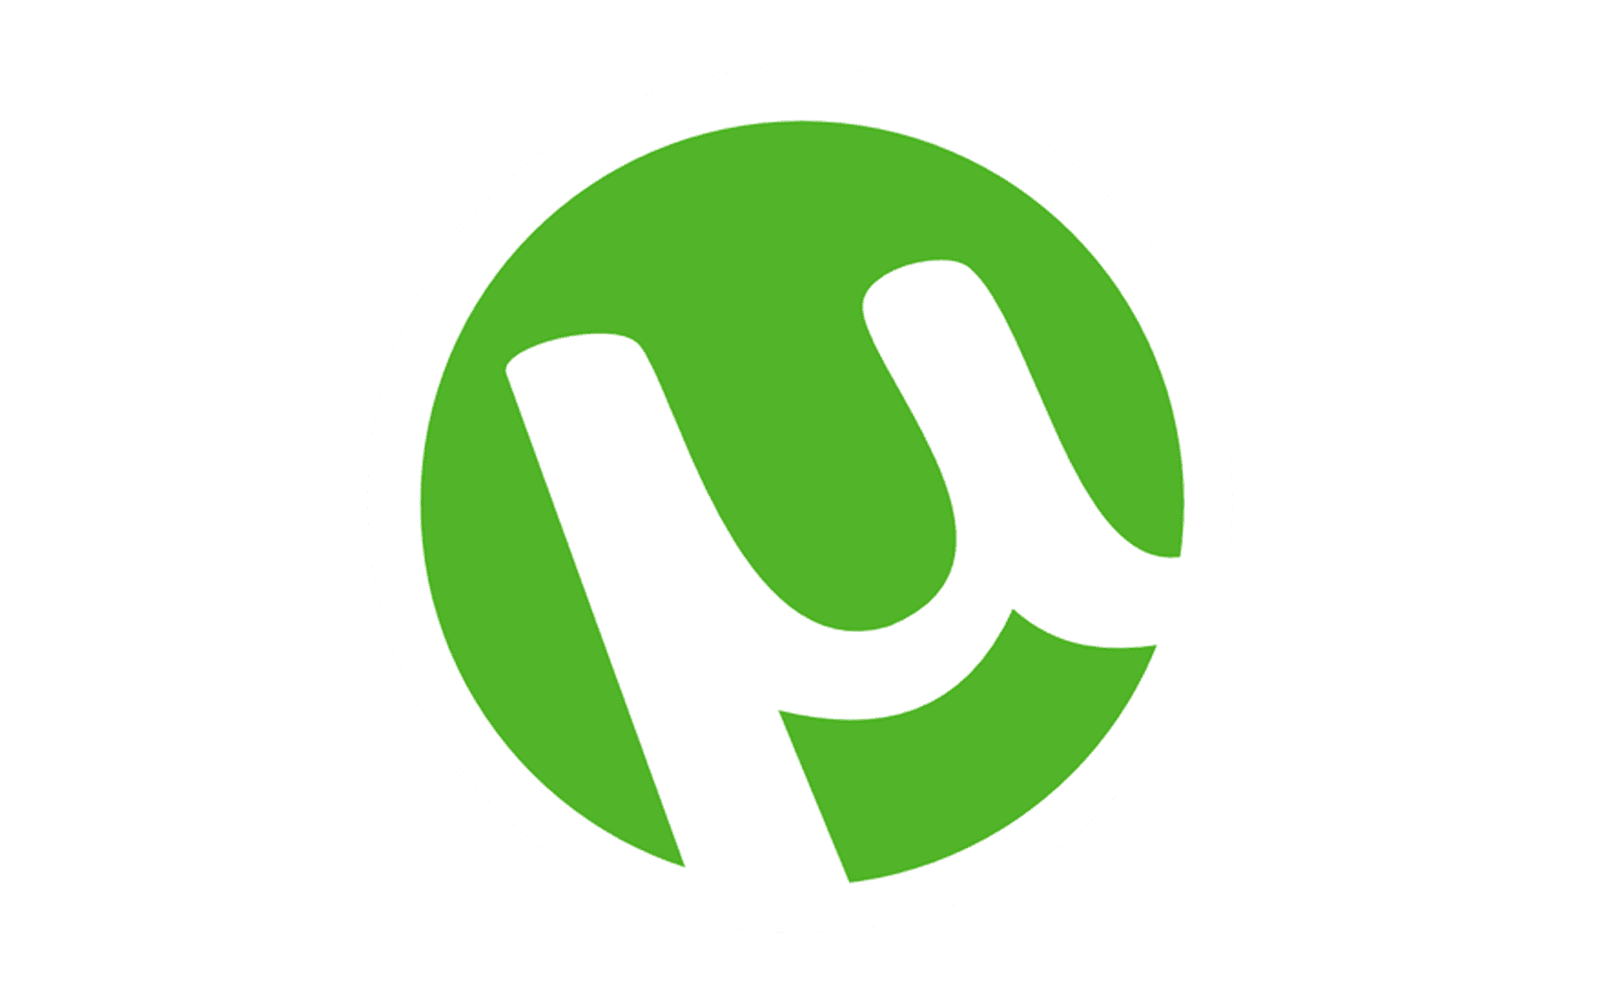 UTorrent Pro 3.5.5 Crack + Activated Free Download 2021